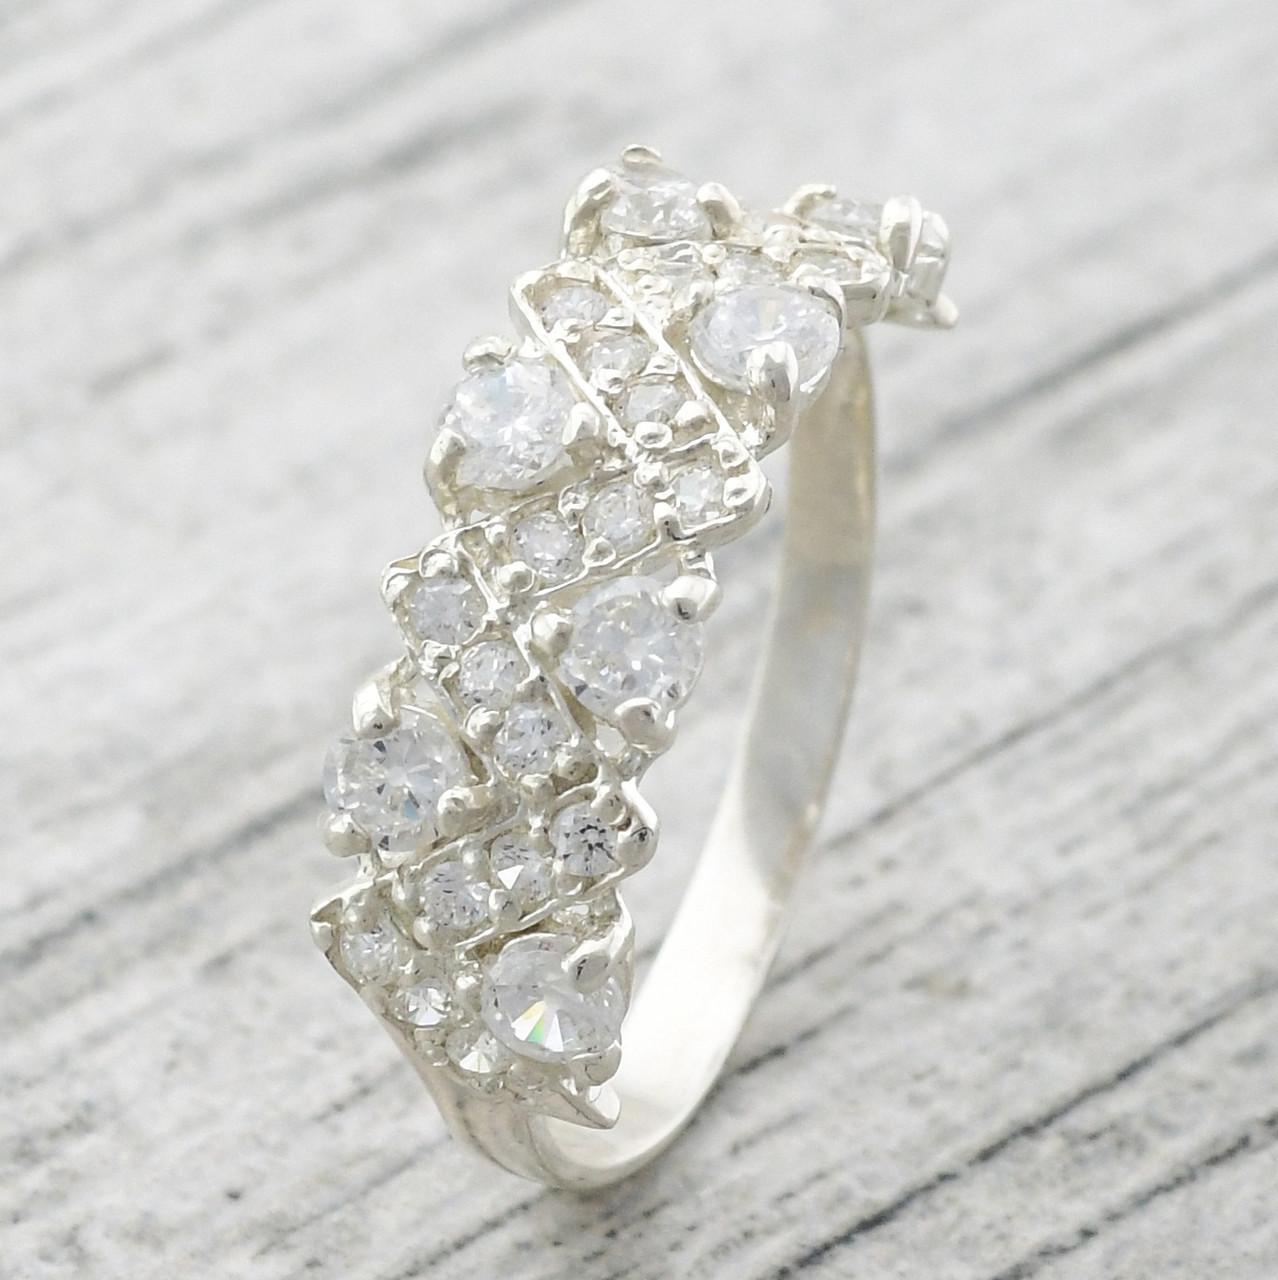 Серебряное кольцо Венок вставка белые фианиты вес 2.37 г размер 17